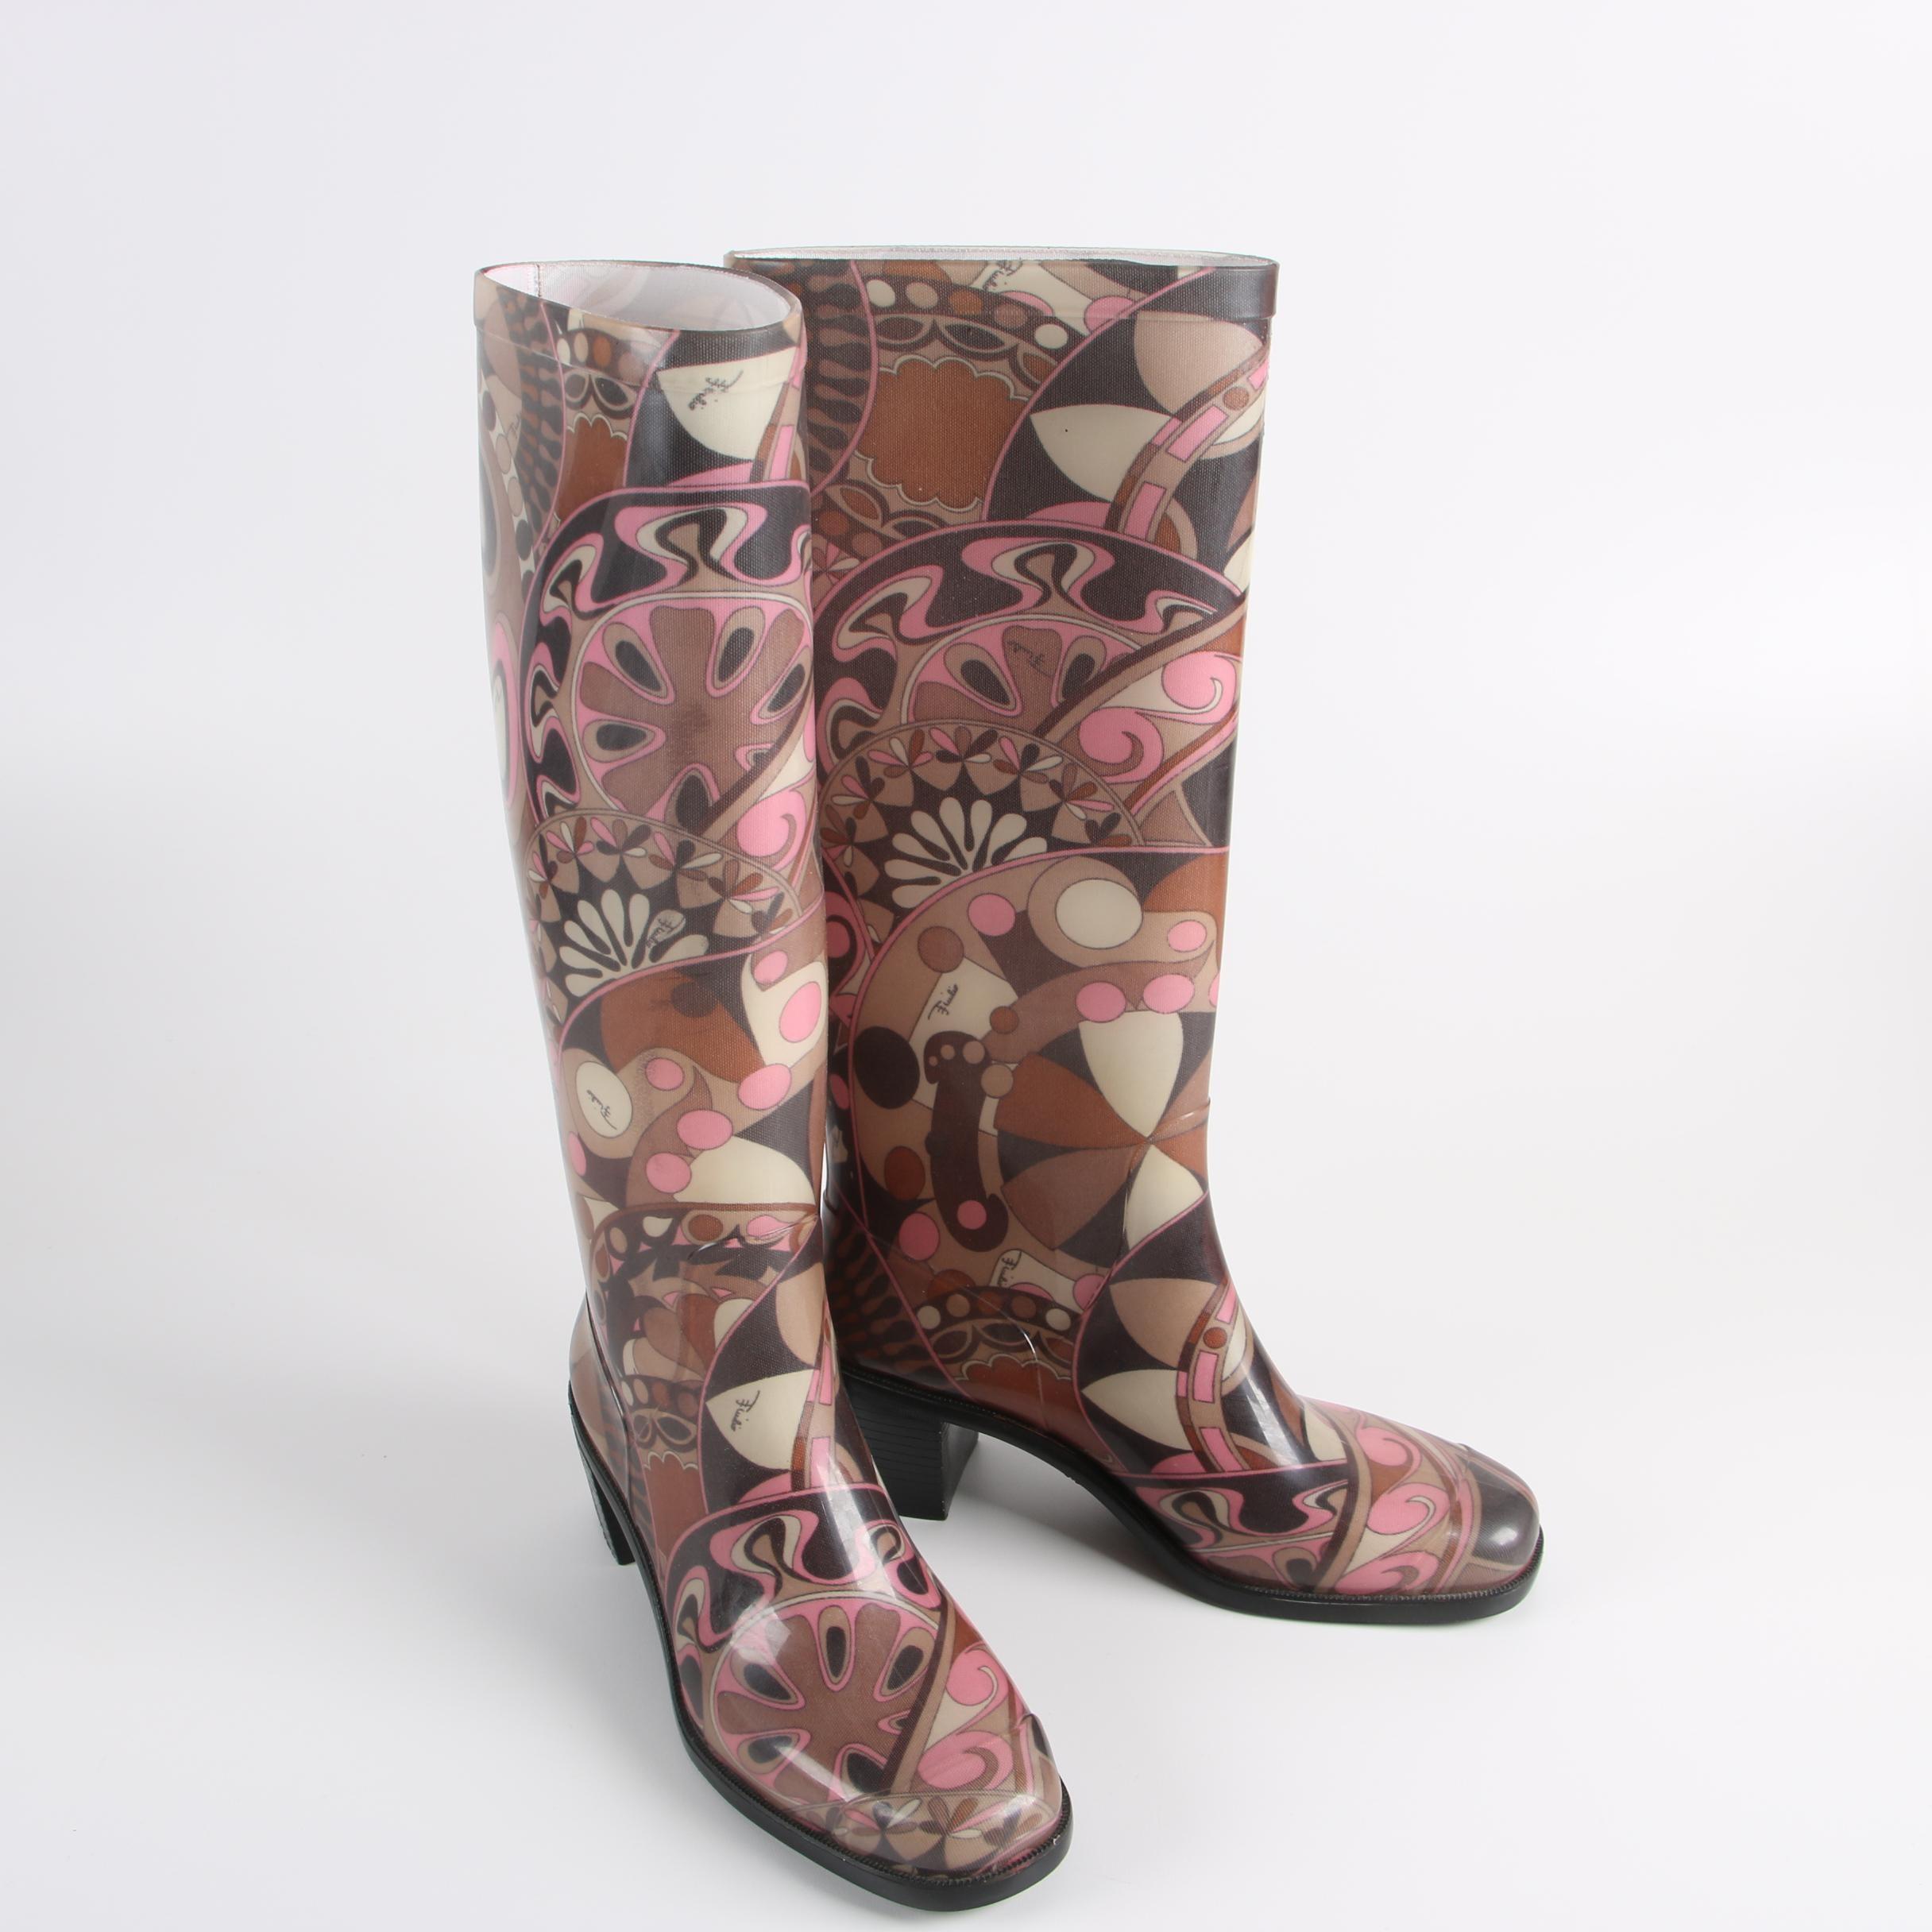 Women's Emilio Pucci Rain Boots